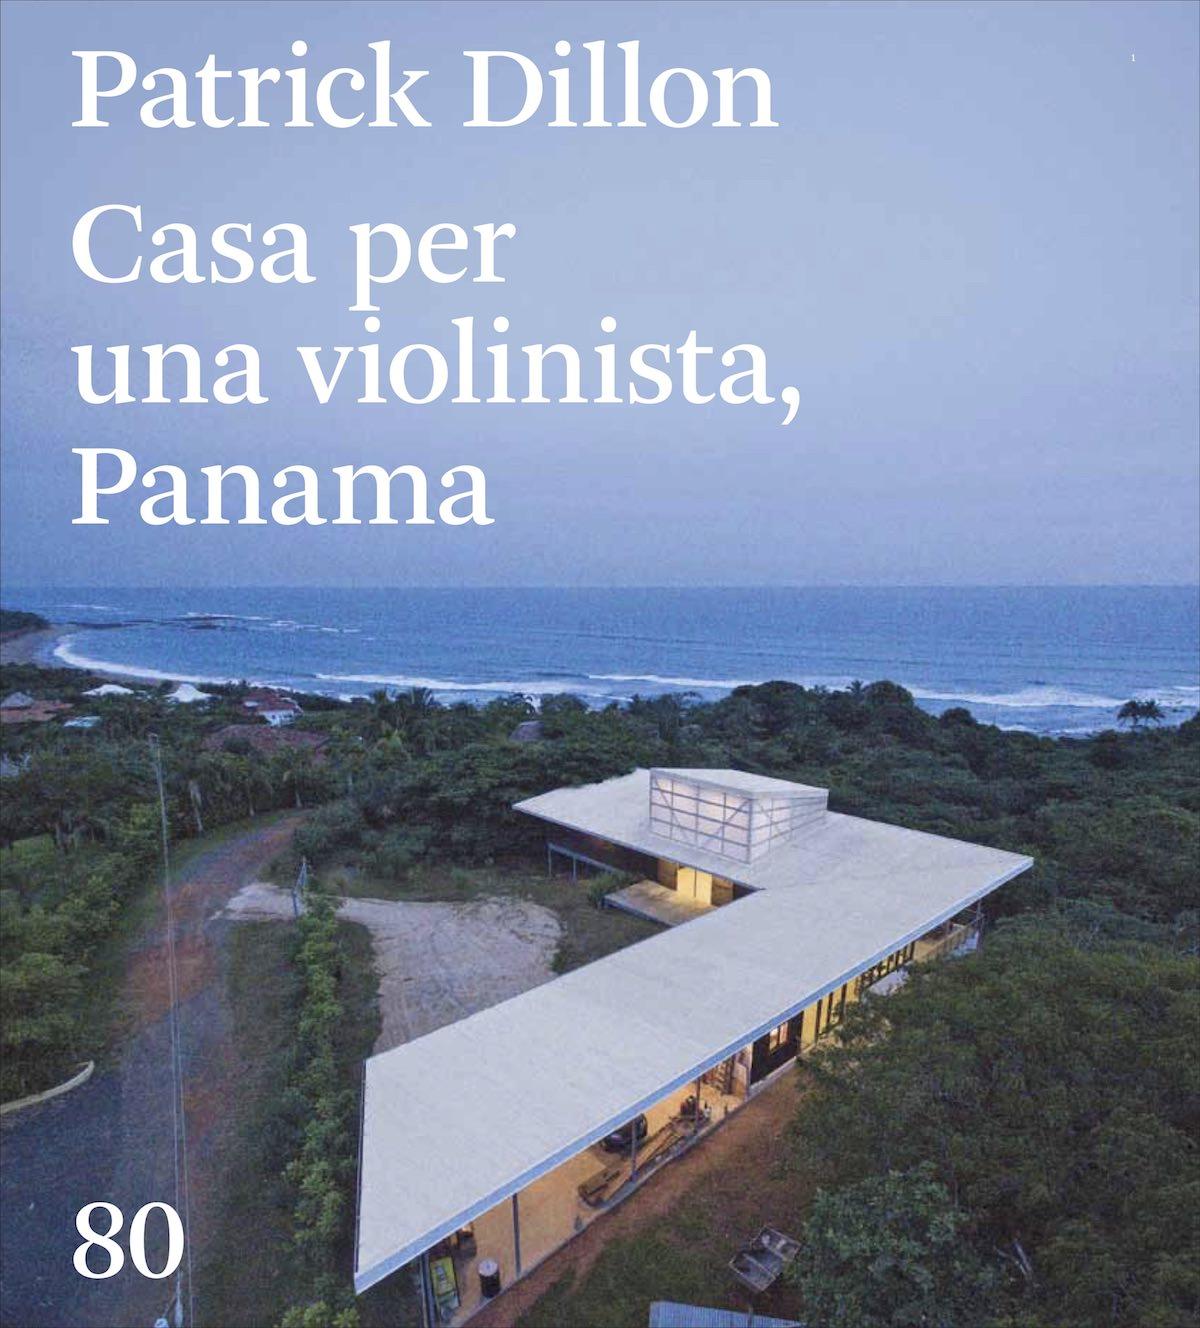 887-8 PATRICK DILLON : ENSITU